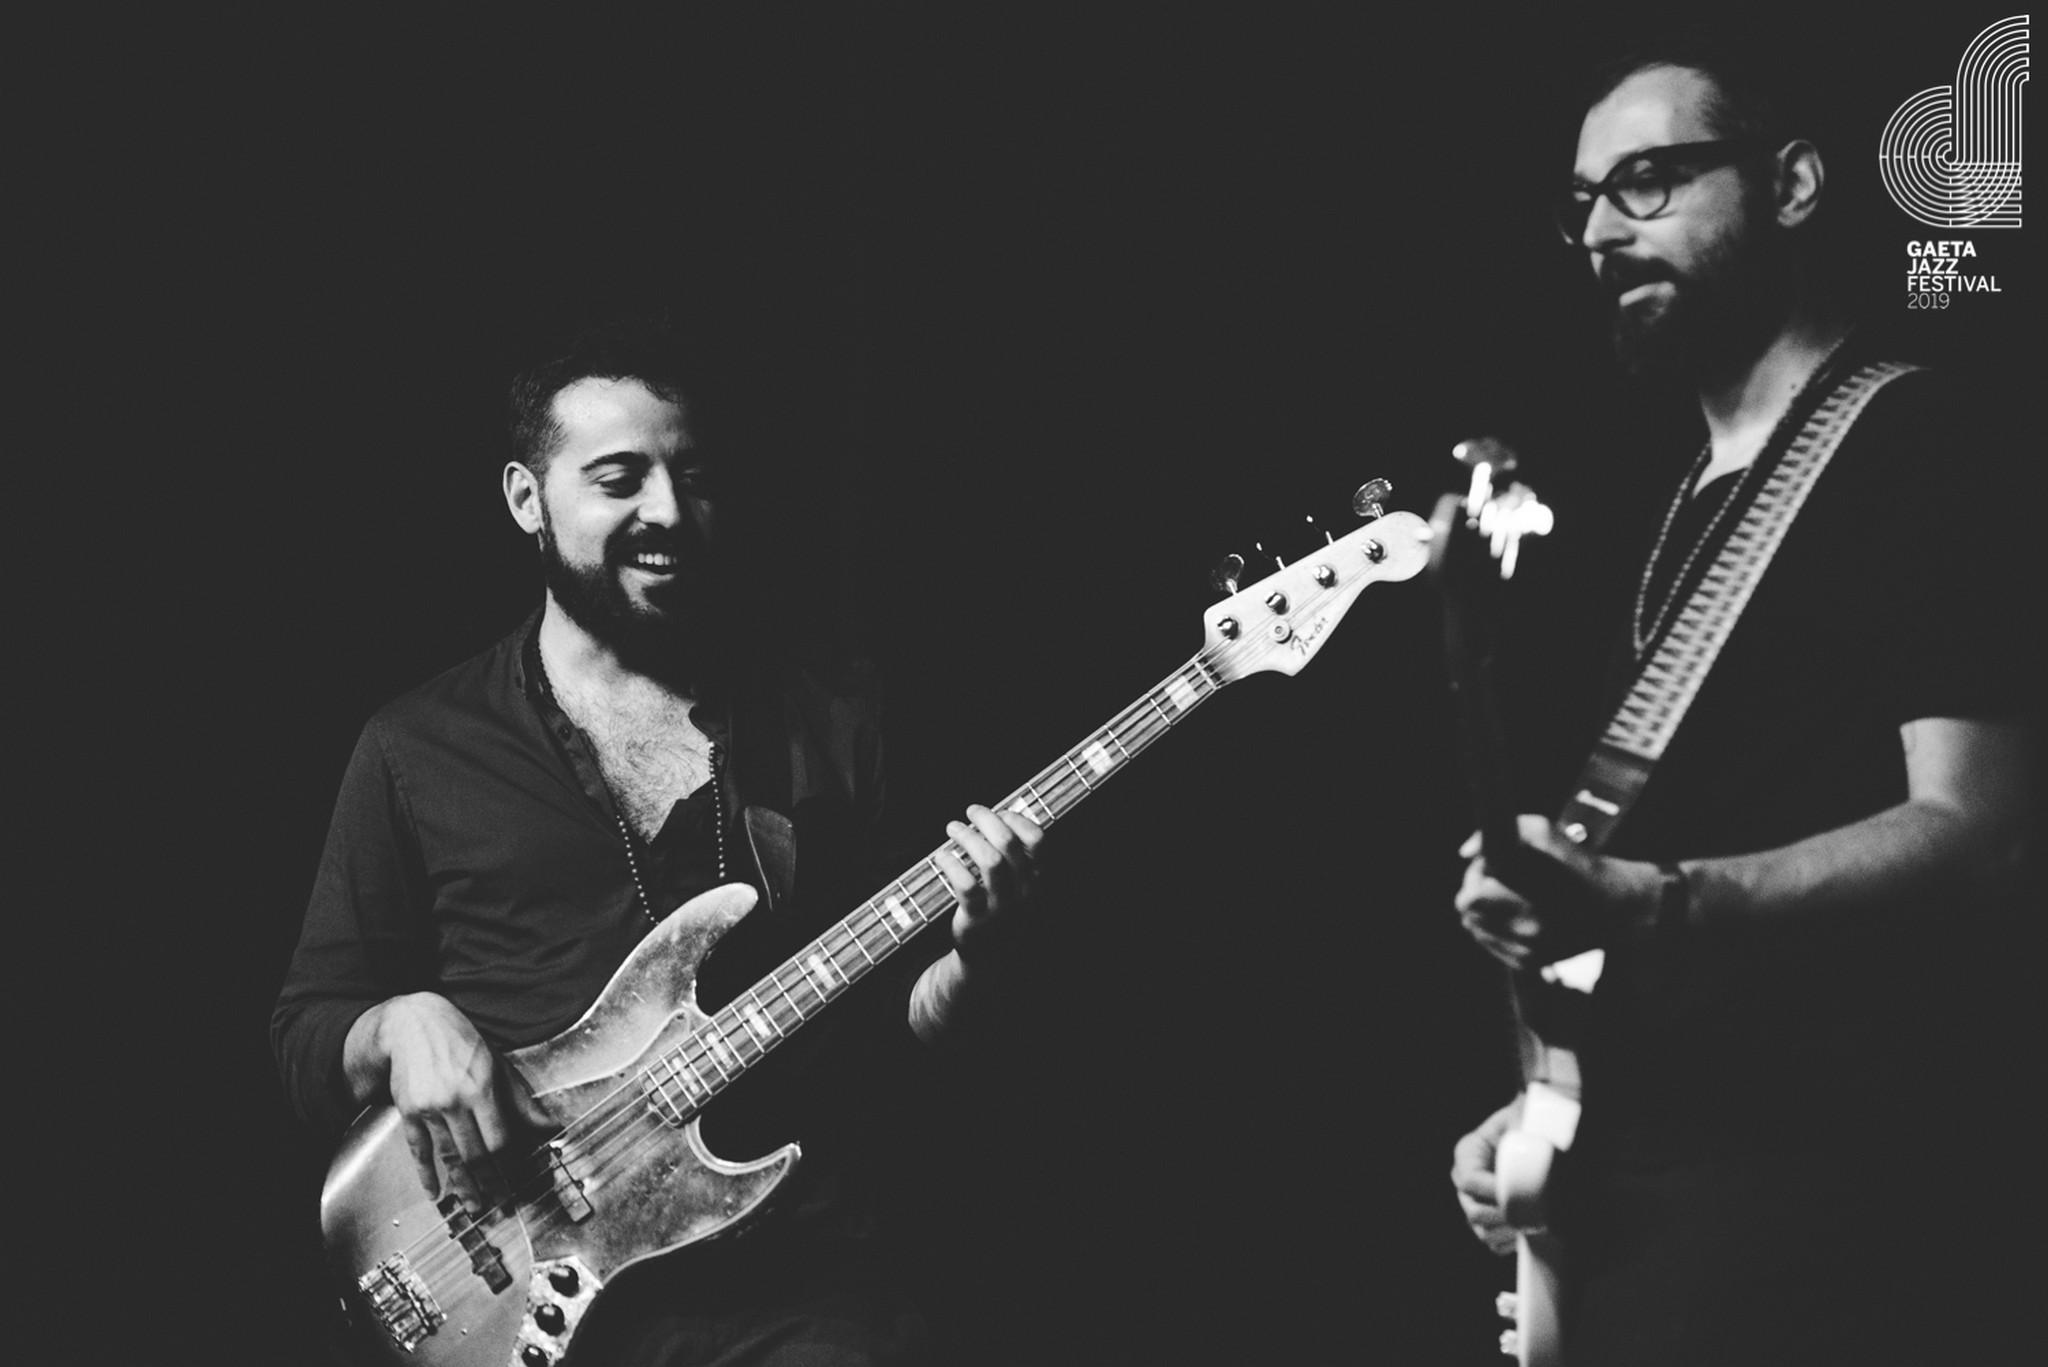 Flavia_Fiengo_Gaeta_Jazz_Festival_live_2019__00063